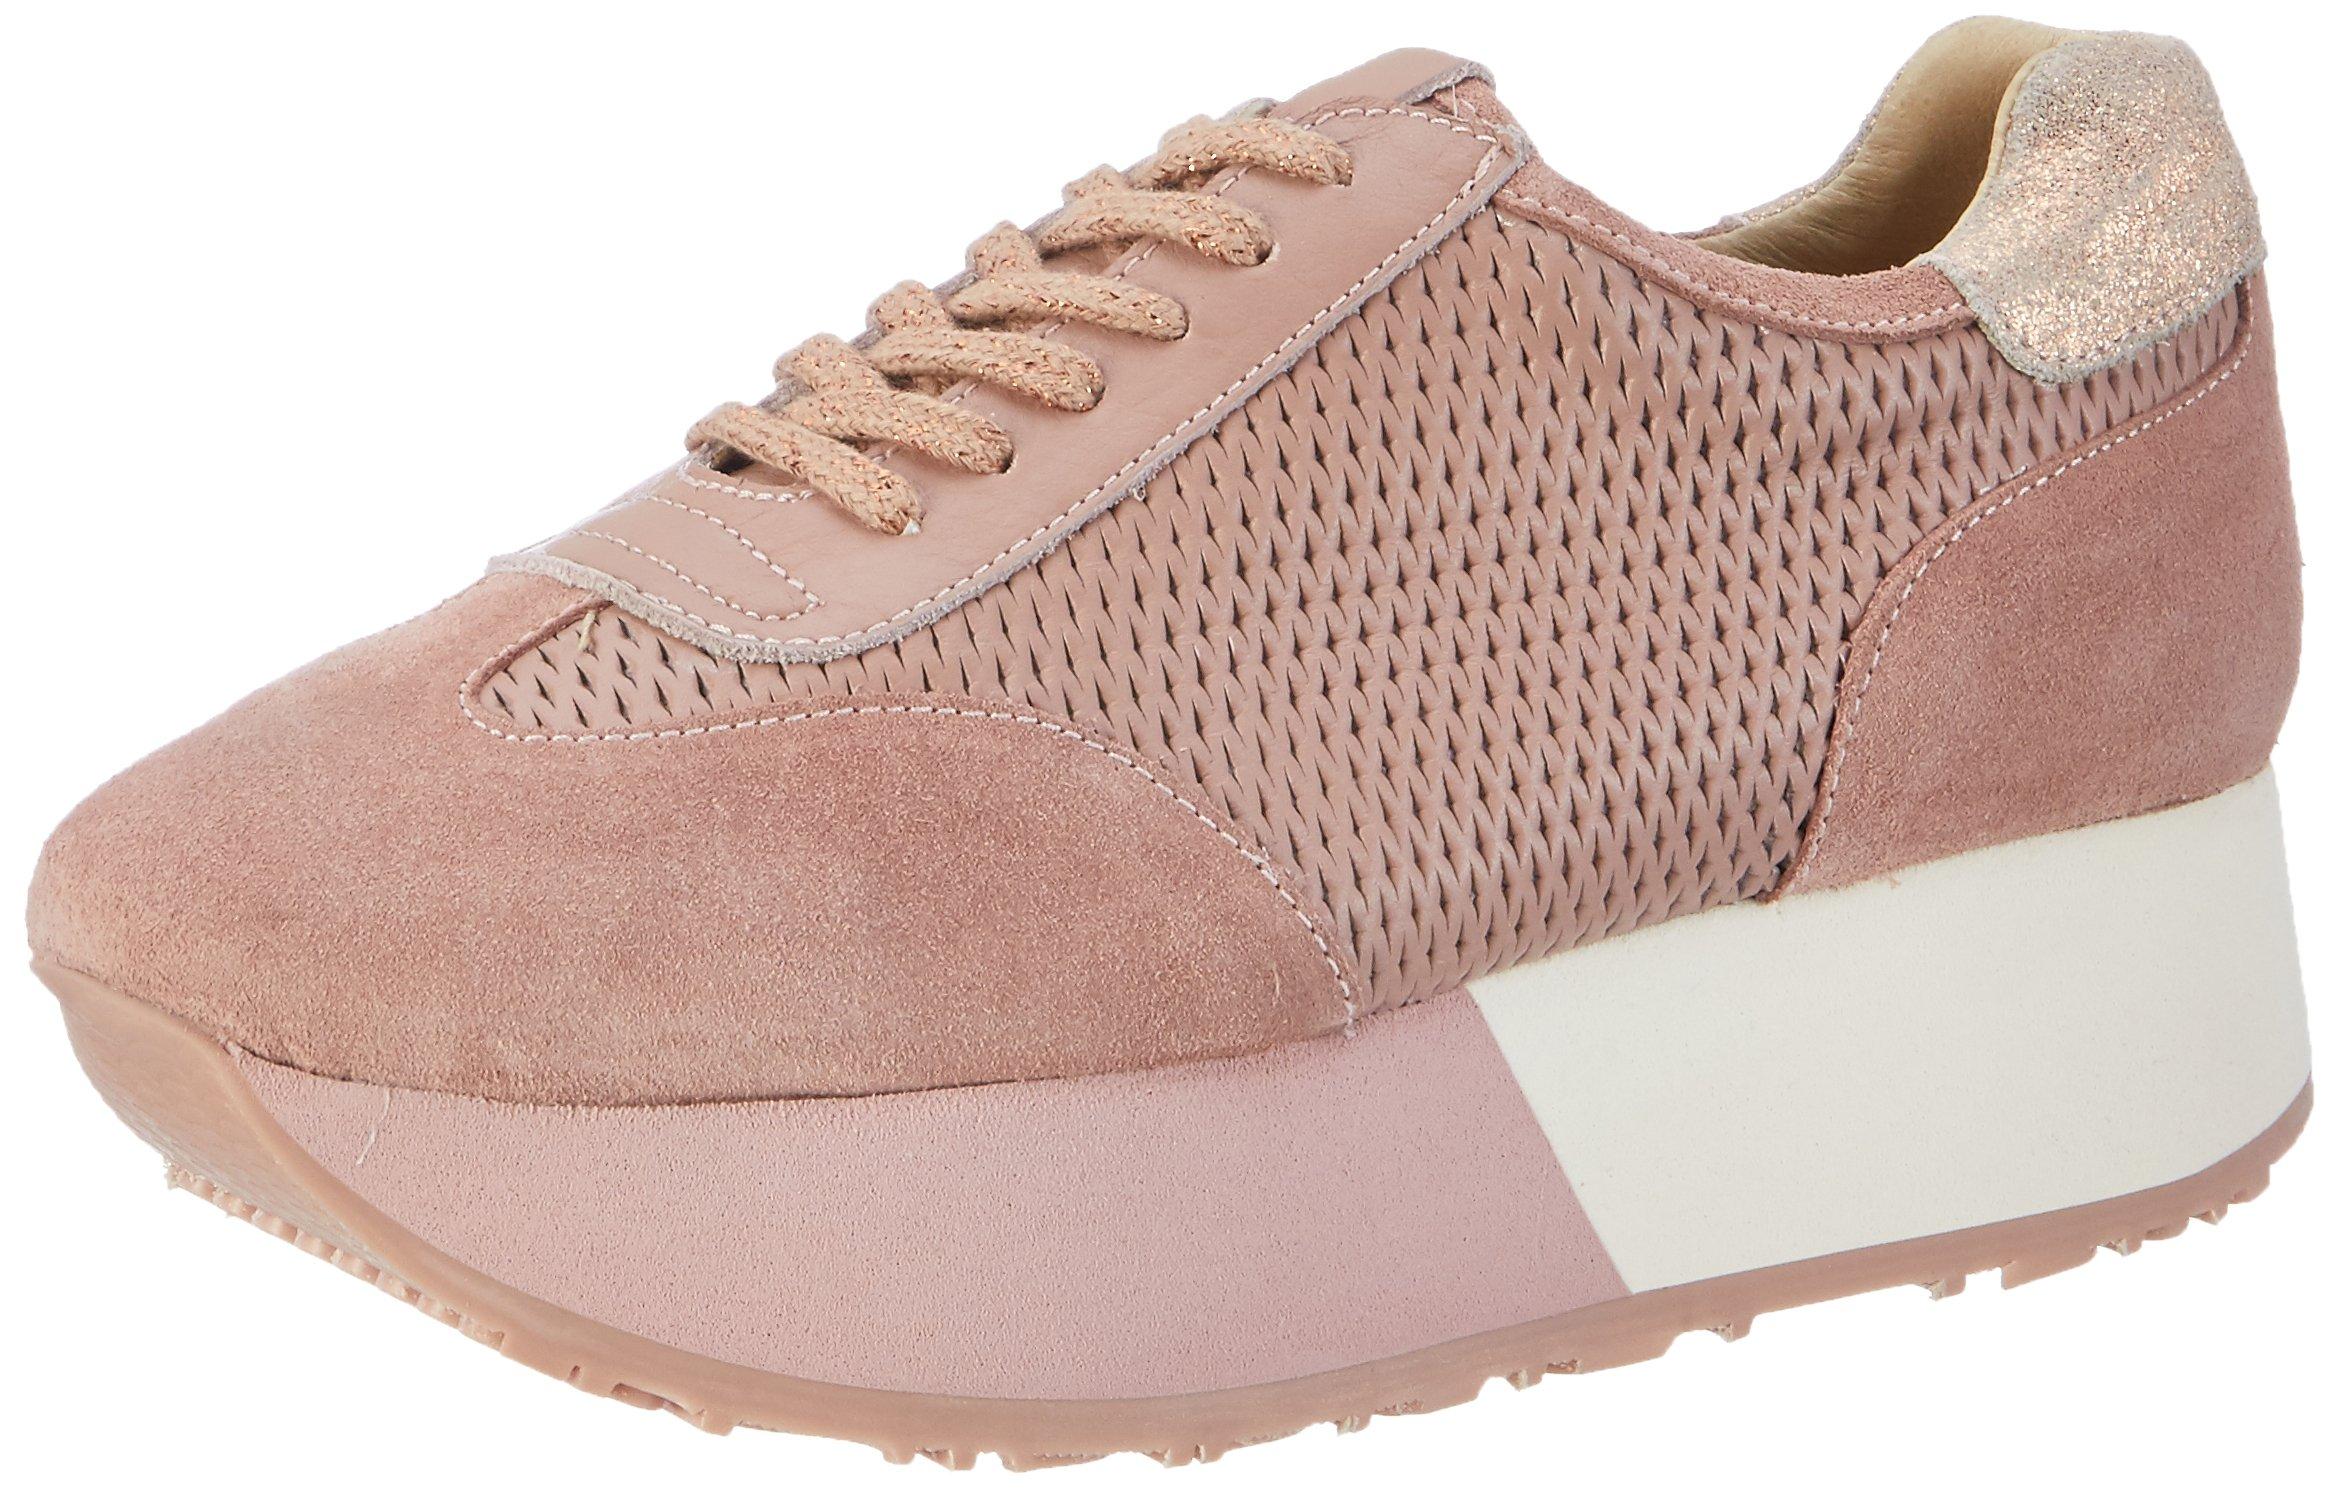 FemmeMulticoloredusty Pink Bx BforeverxBaskets 1248 Bronx Eu rosegold 199438 7vb6fgyY